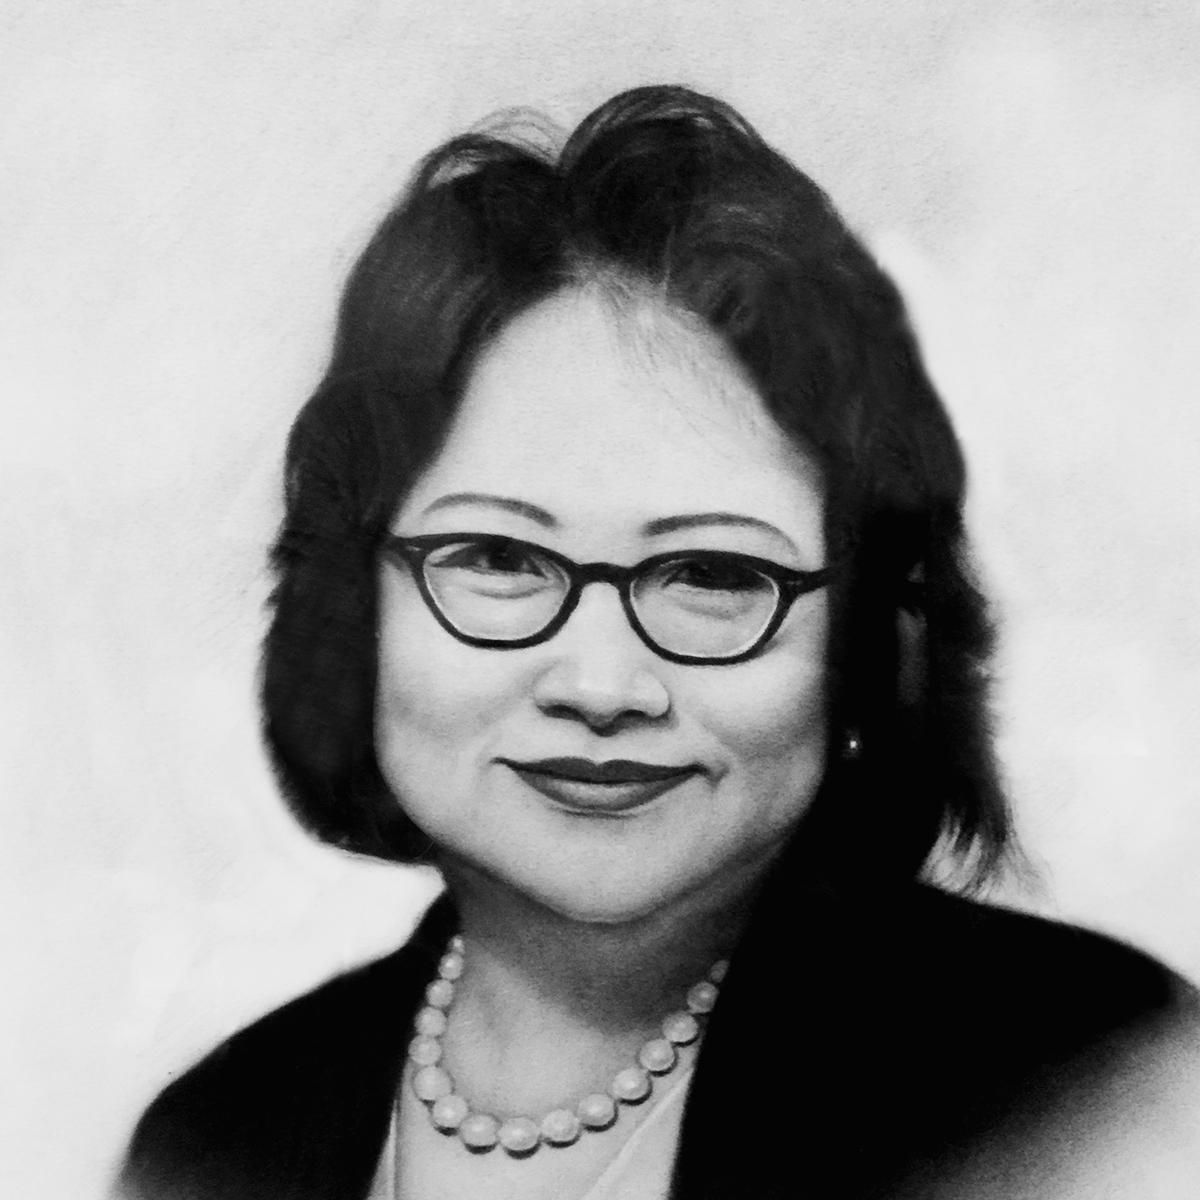 Melanie C. Ng